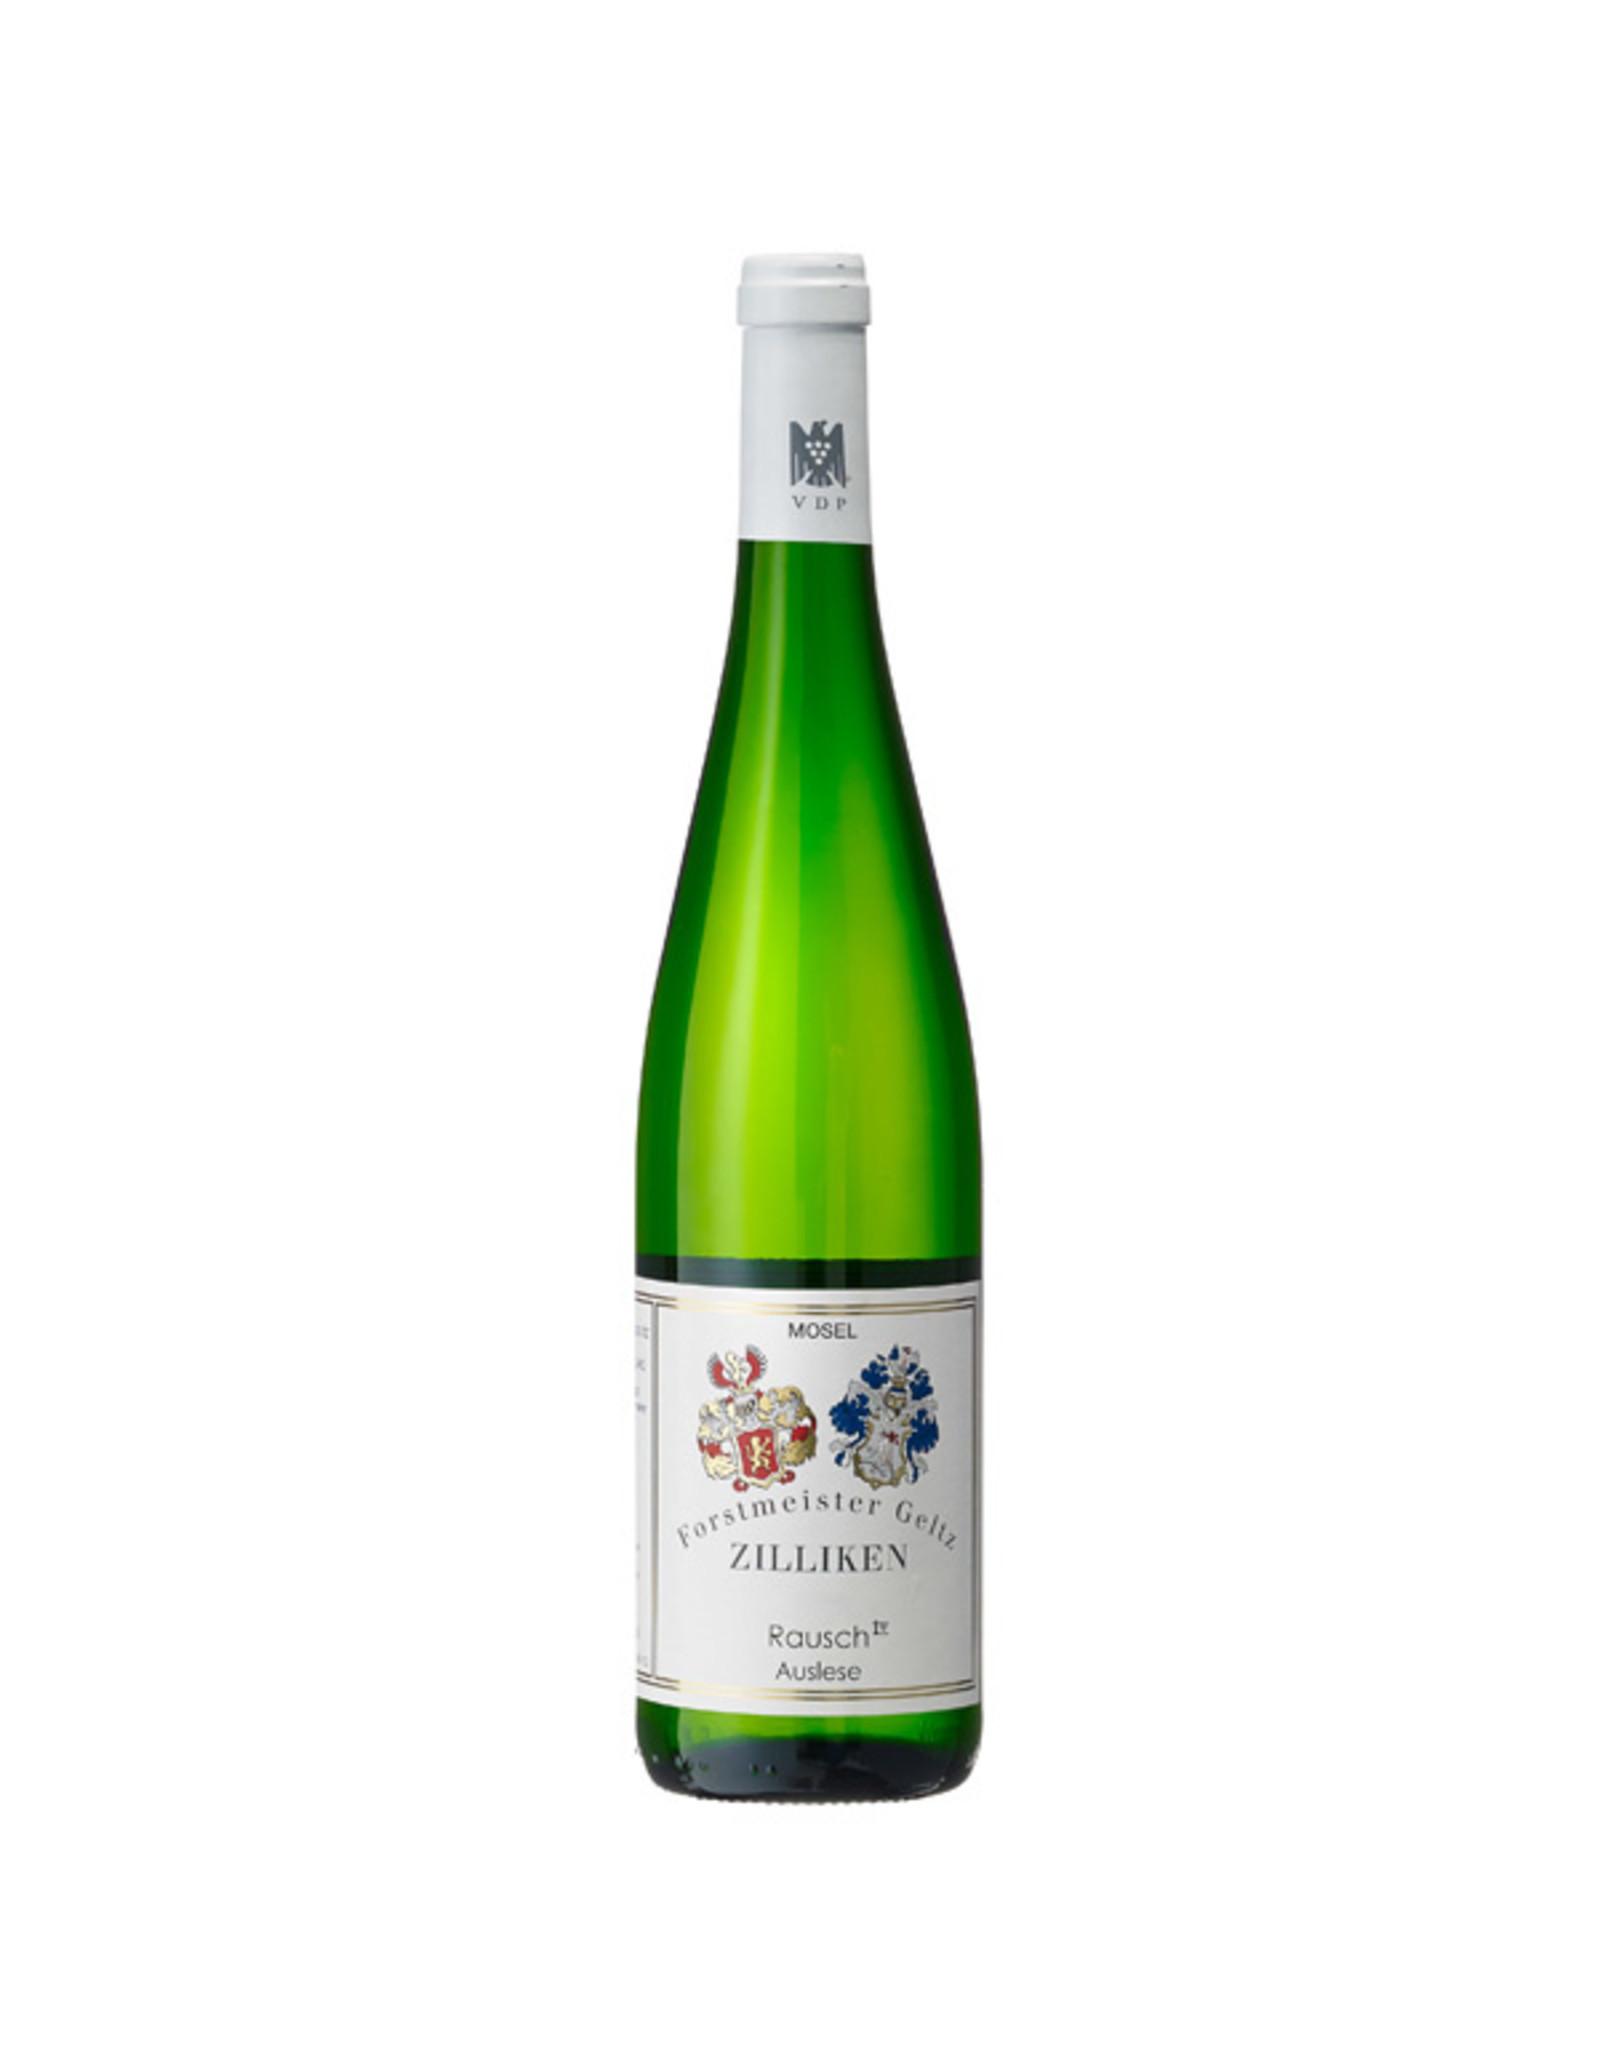 Weingut Forstmeister Geltz Zilliken, Saarburg Zilliken Rausch Auslese 2015 0.375